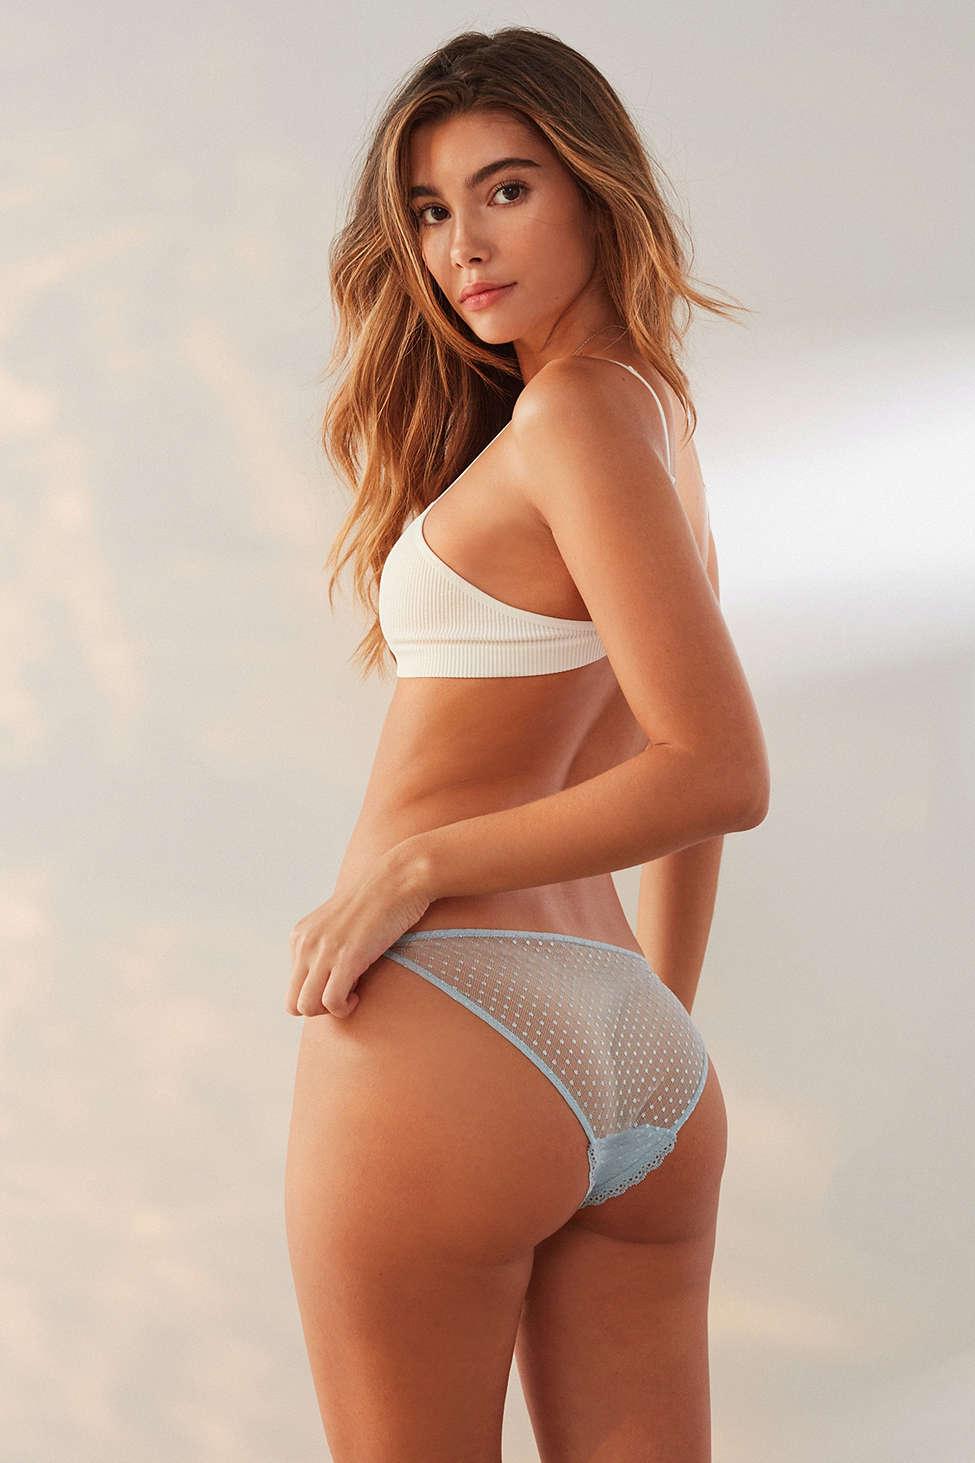 Cindy Mello naked (79 fotos), leaked Bikini, YouTube, panties 2017